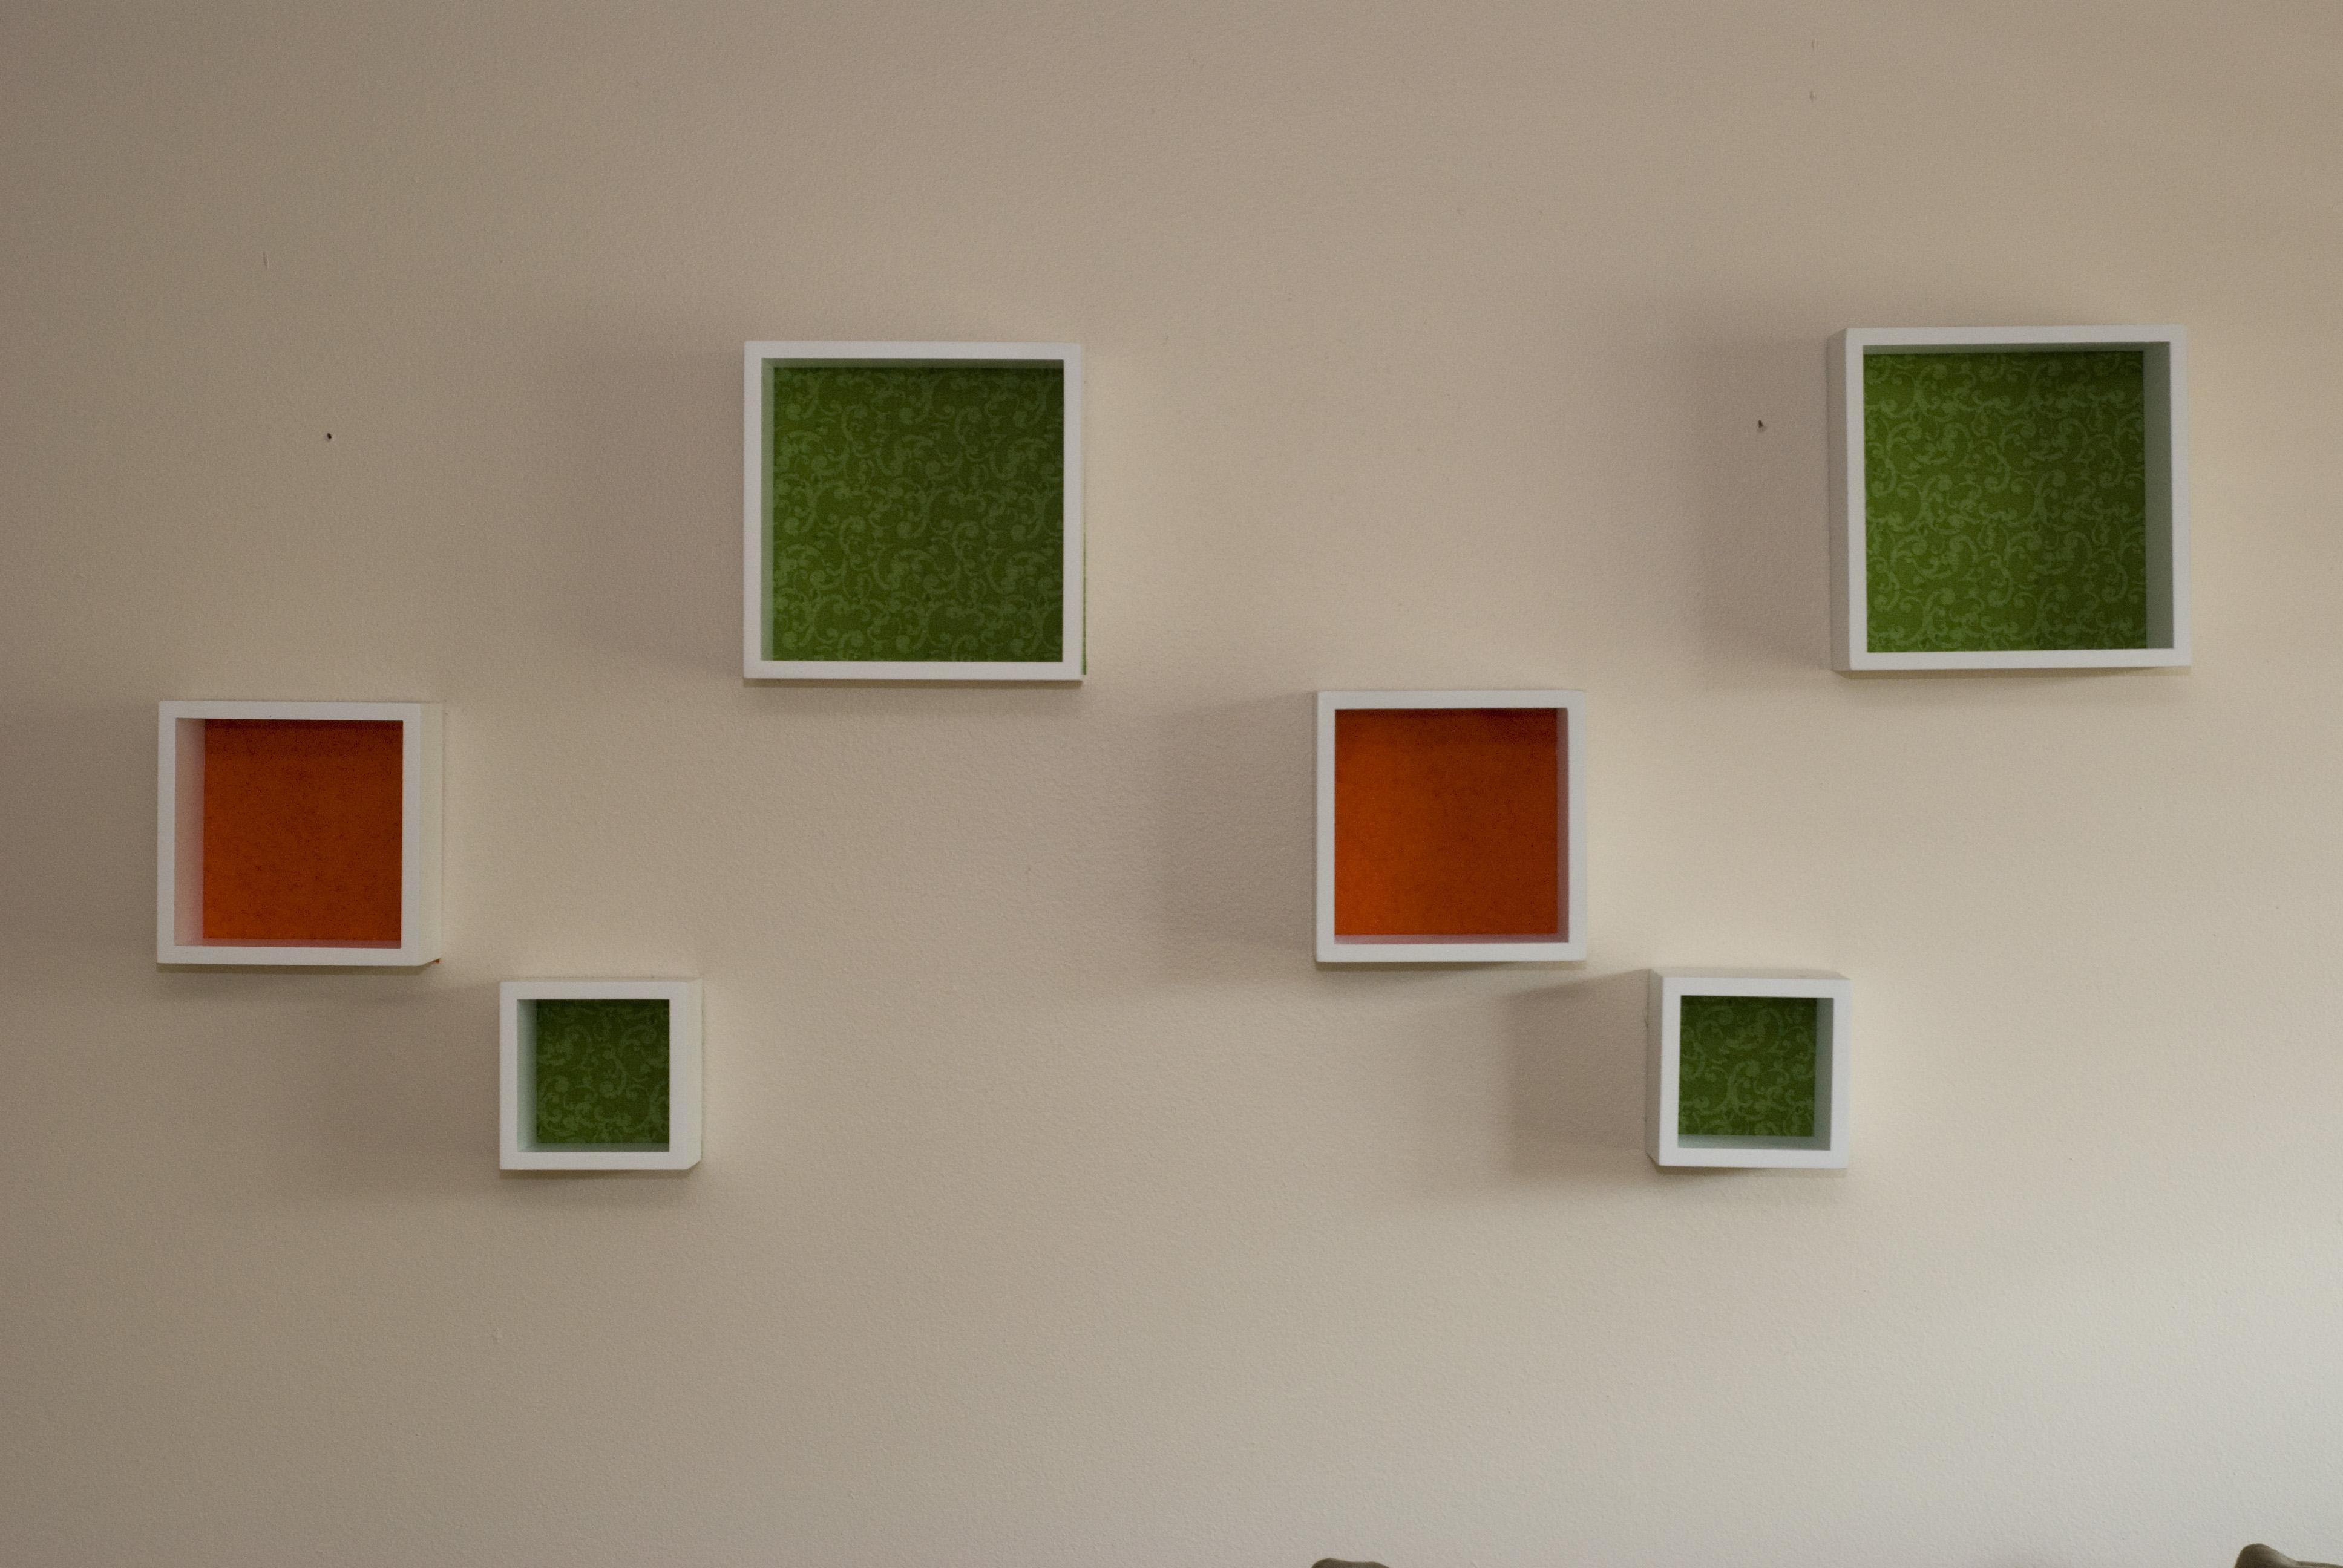 Decorative Wall Boxes Idea